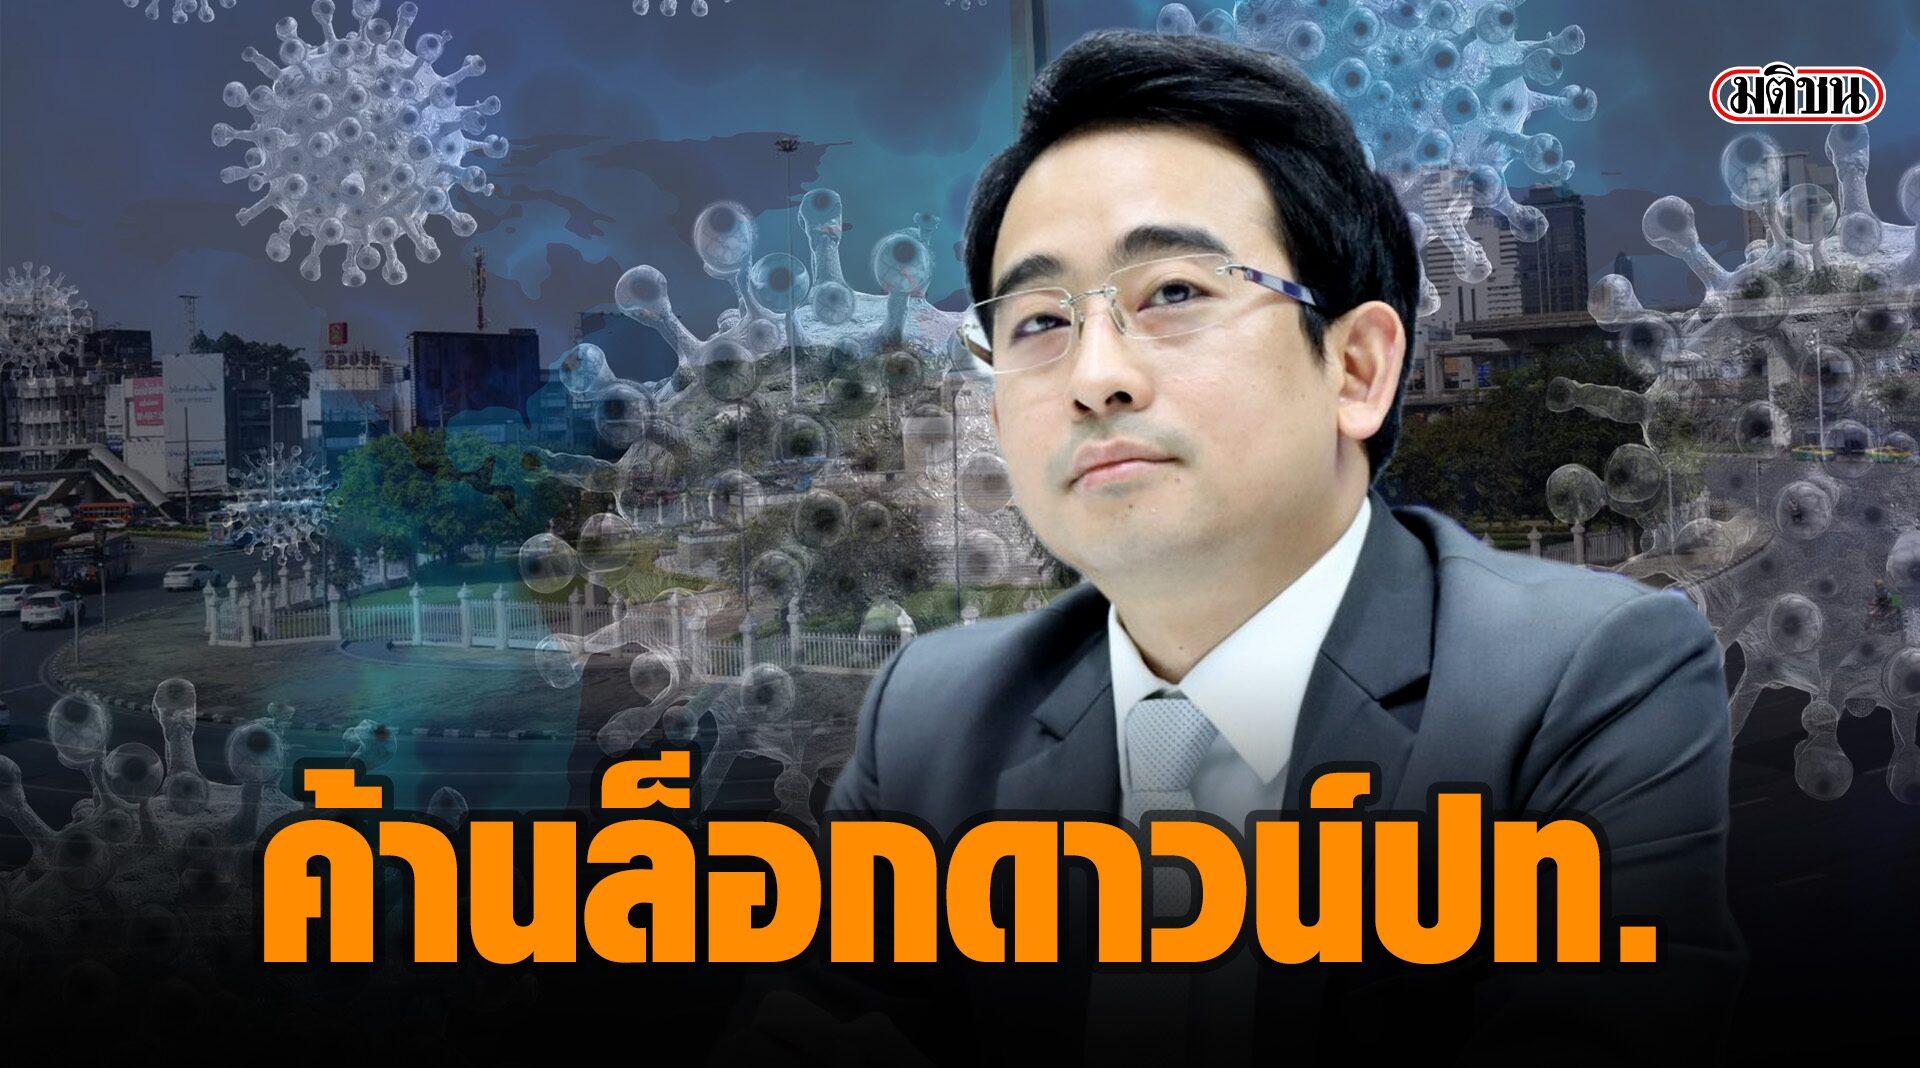 ศูนย์นโยบายเพื่อไทย ค้านล็อกดาวน์ทั้งปท. ชู 4 แนวคิด ล็อกดาวน์-คุมโรค อย่างไรให้สมดุล